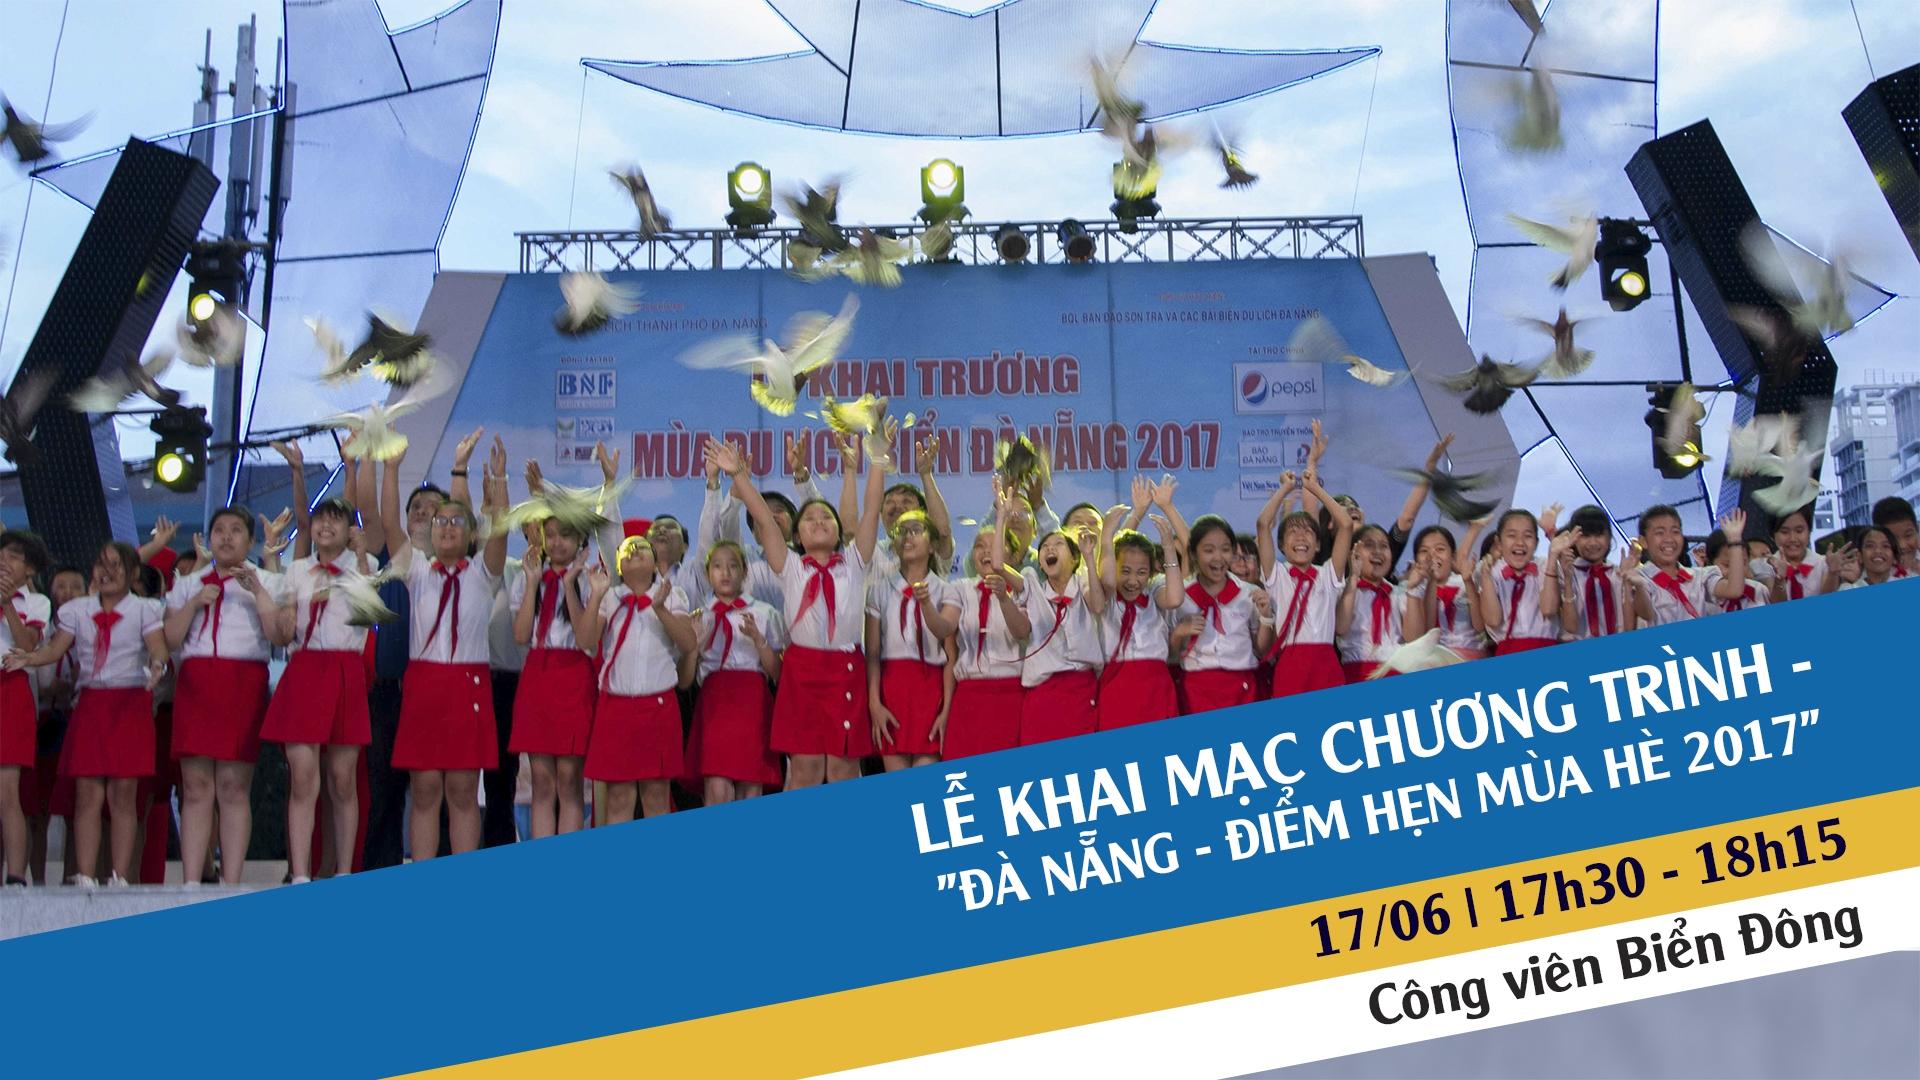 Đà Nẵng - Điểm hẹn mùa hè 2017 1111